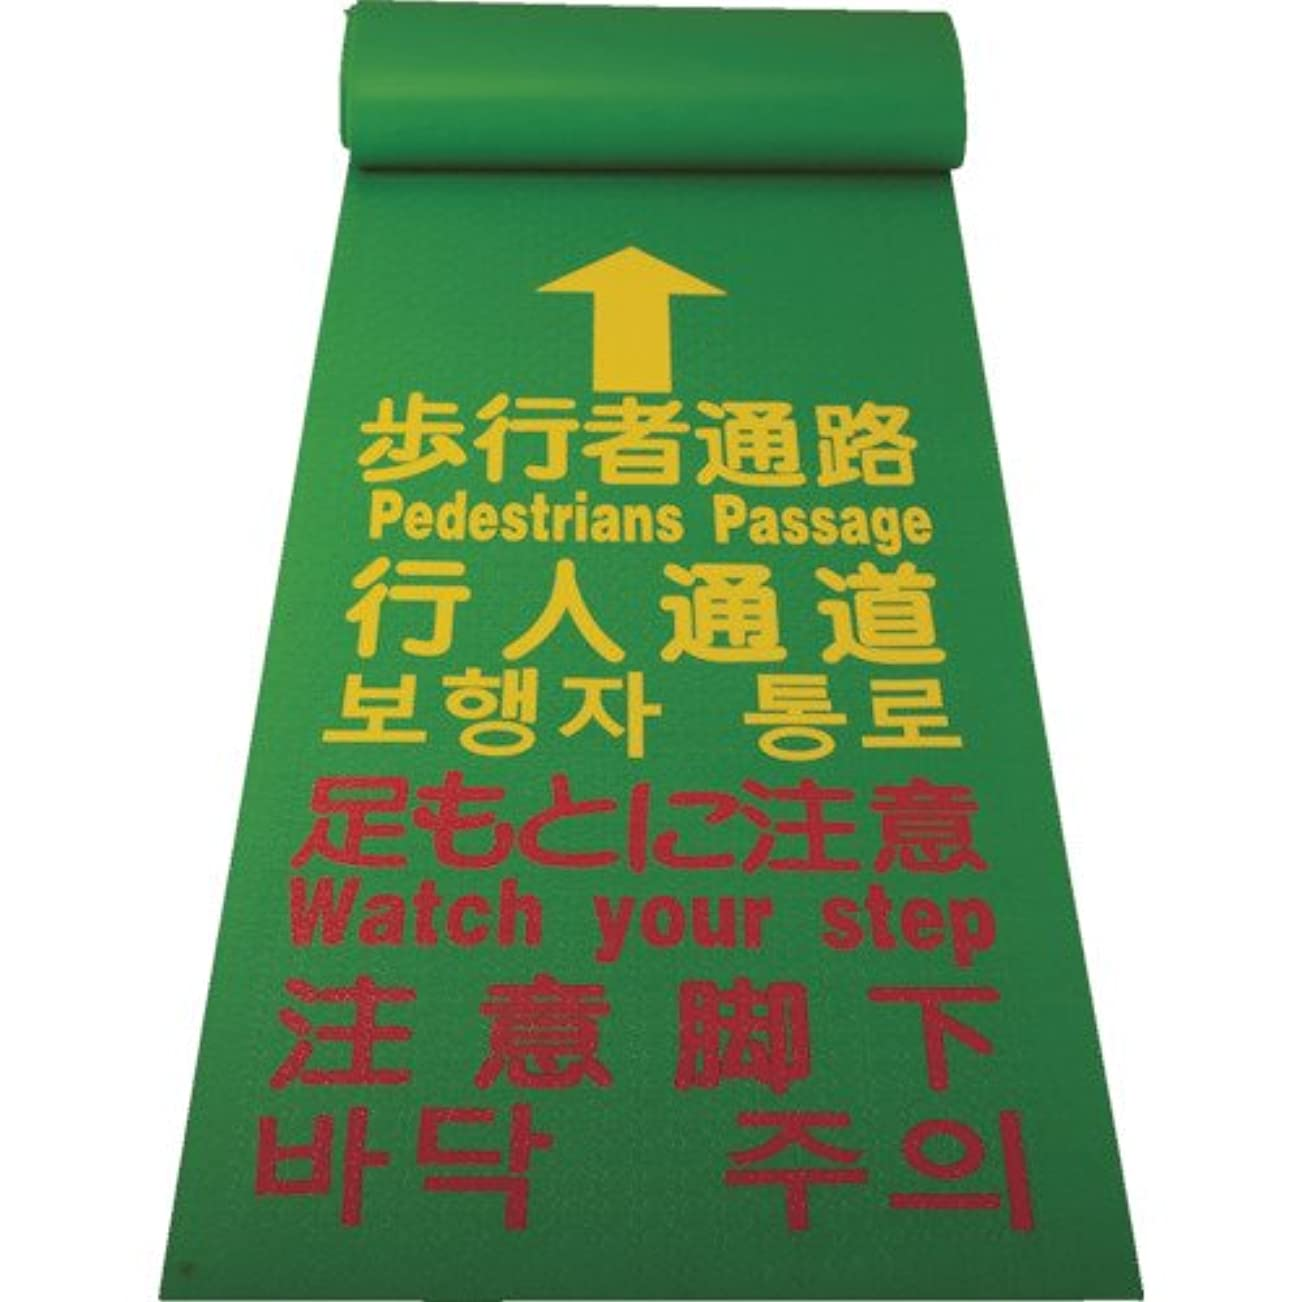 最大限敬礼減少ガラ袋 200枚入り 建築現場 ゴミ処分に(600mm×900mm) [資材屋本舗]